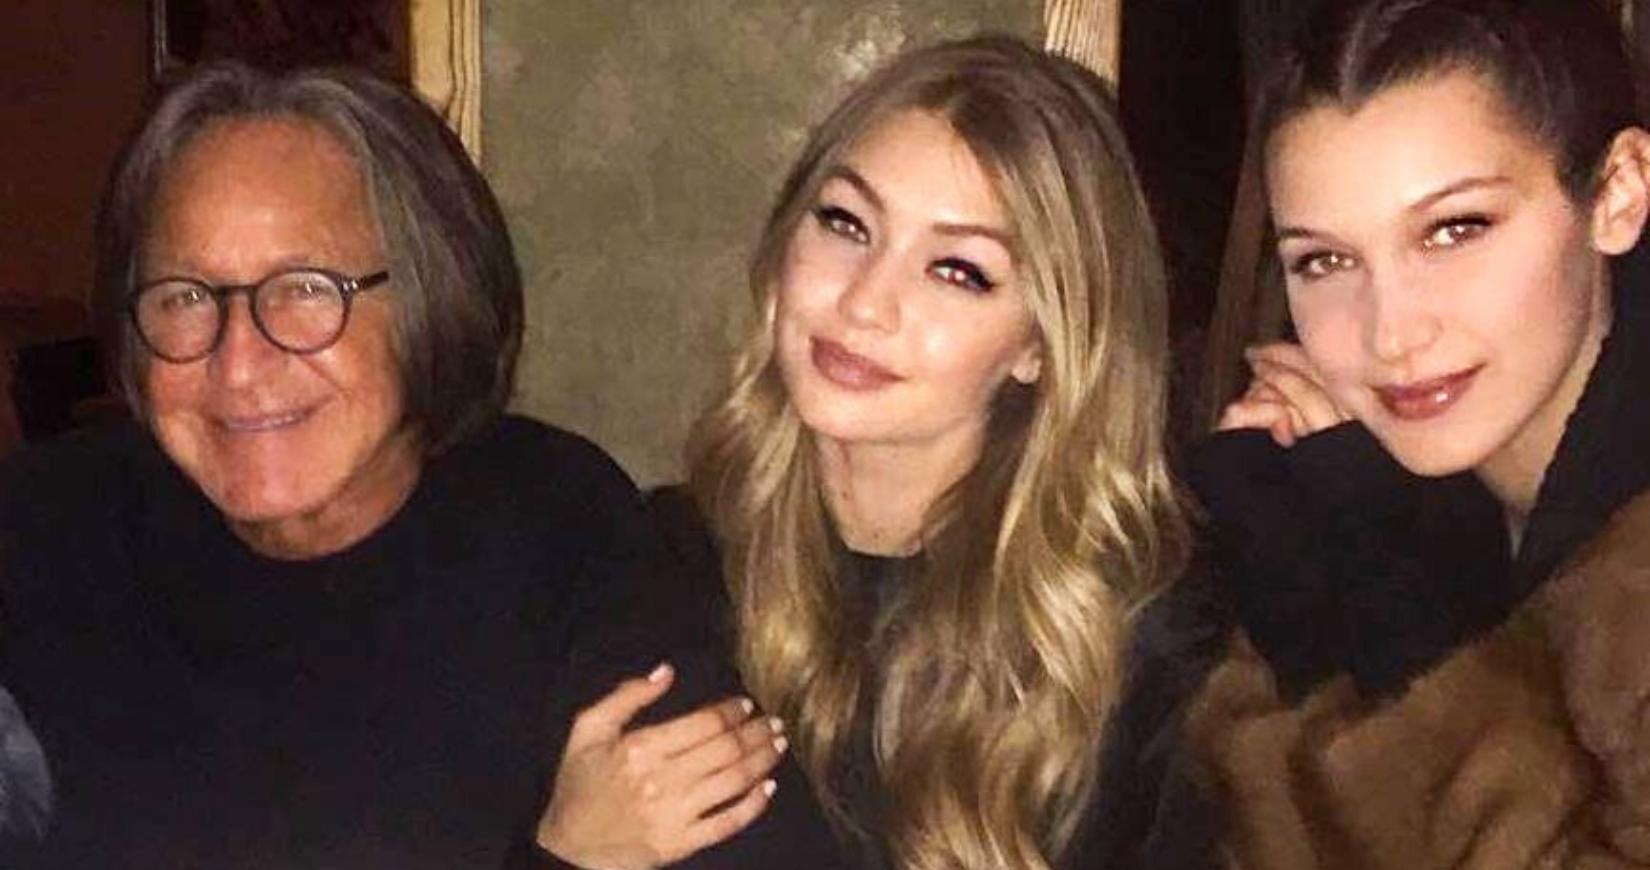 Gigi Hadid, Mohamed Hadid, Bella Hadid